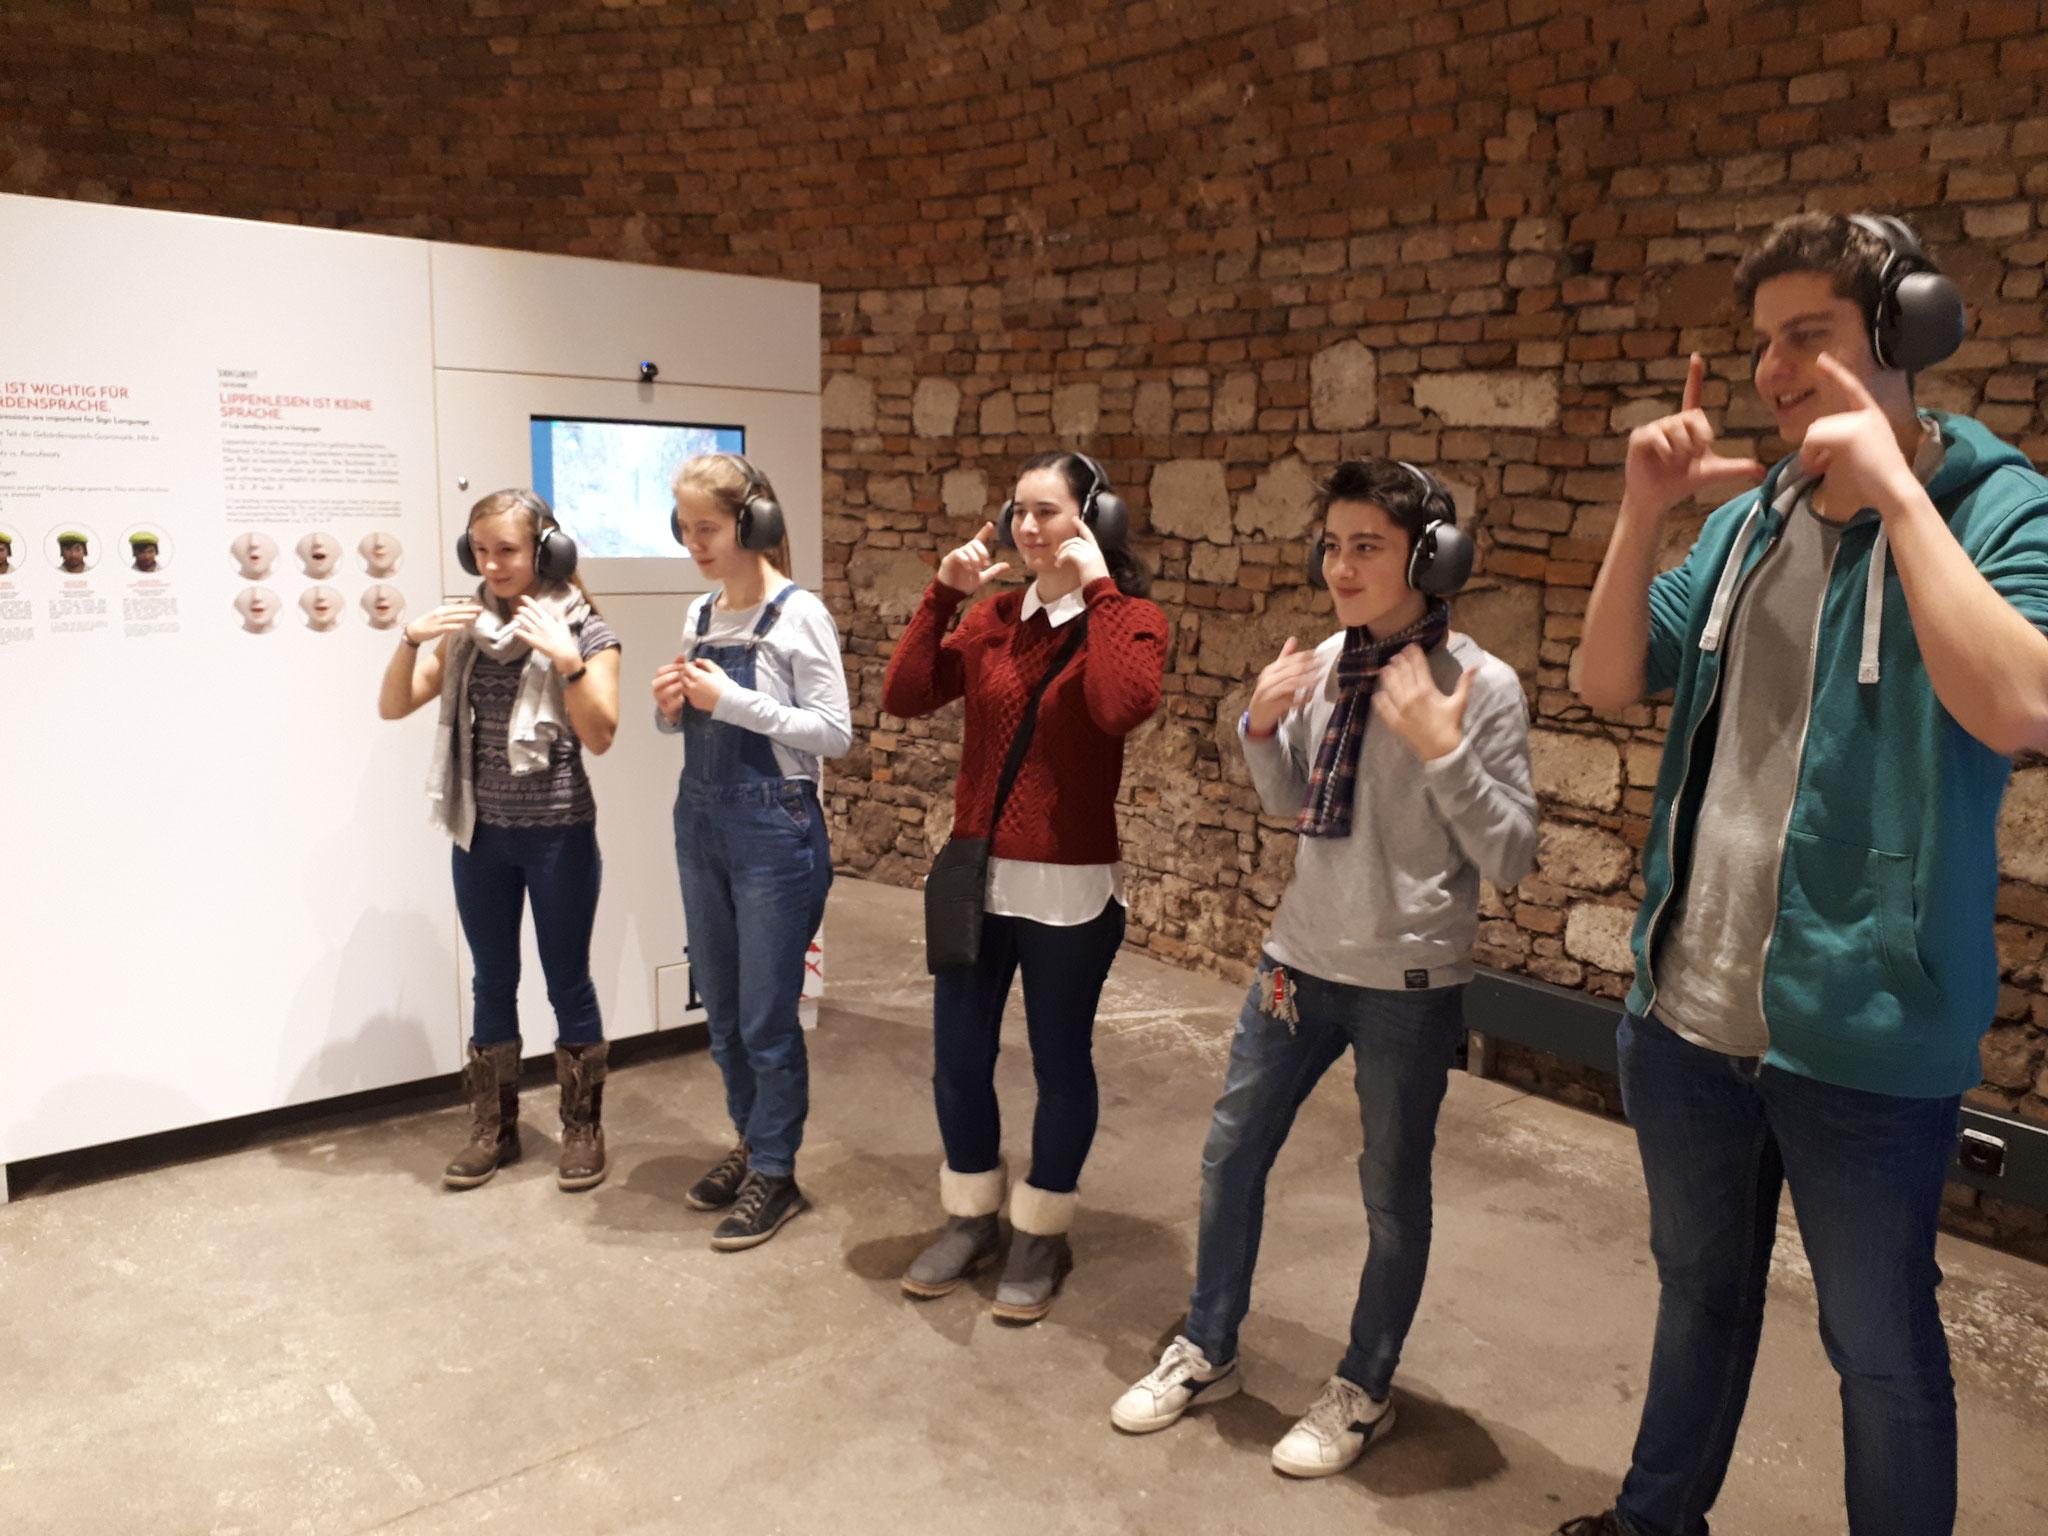 Besuch der Ausstellung Hands up!